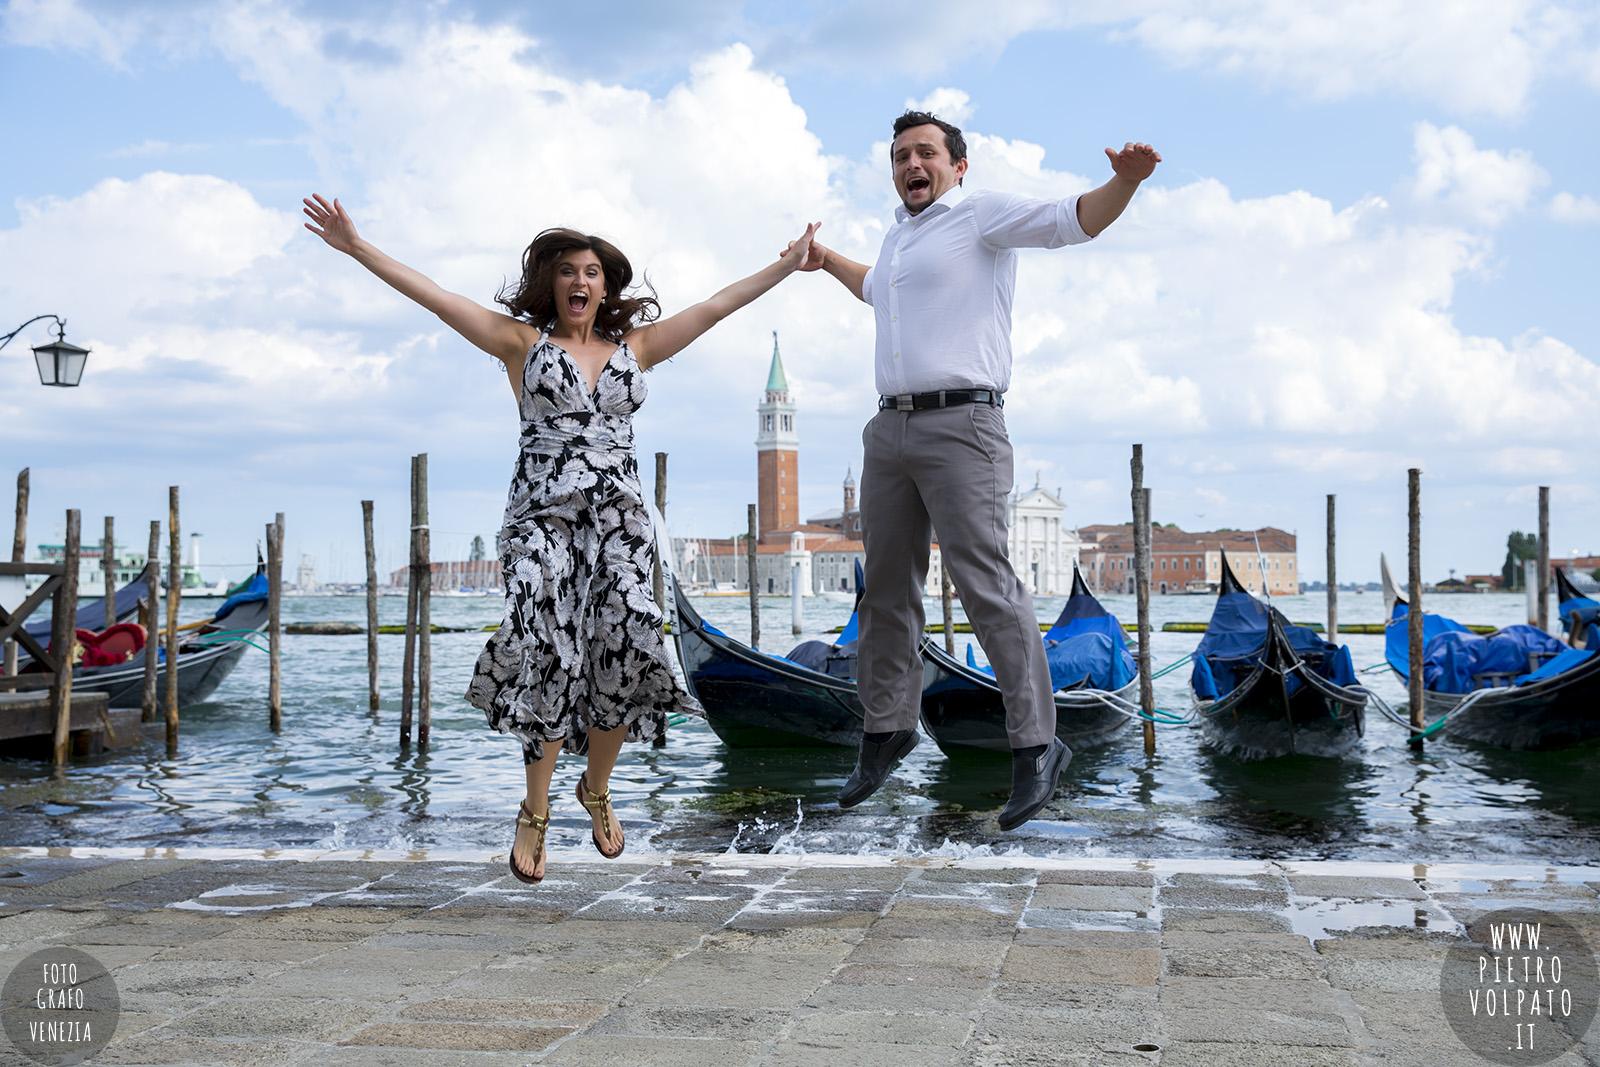 Anniversario Di Matrimonio A Venezia.Venezia Fotografo Per Servizio Foto Vacanza Anniversario